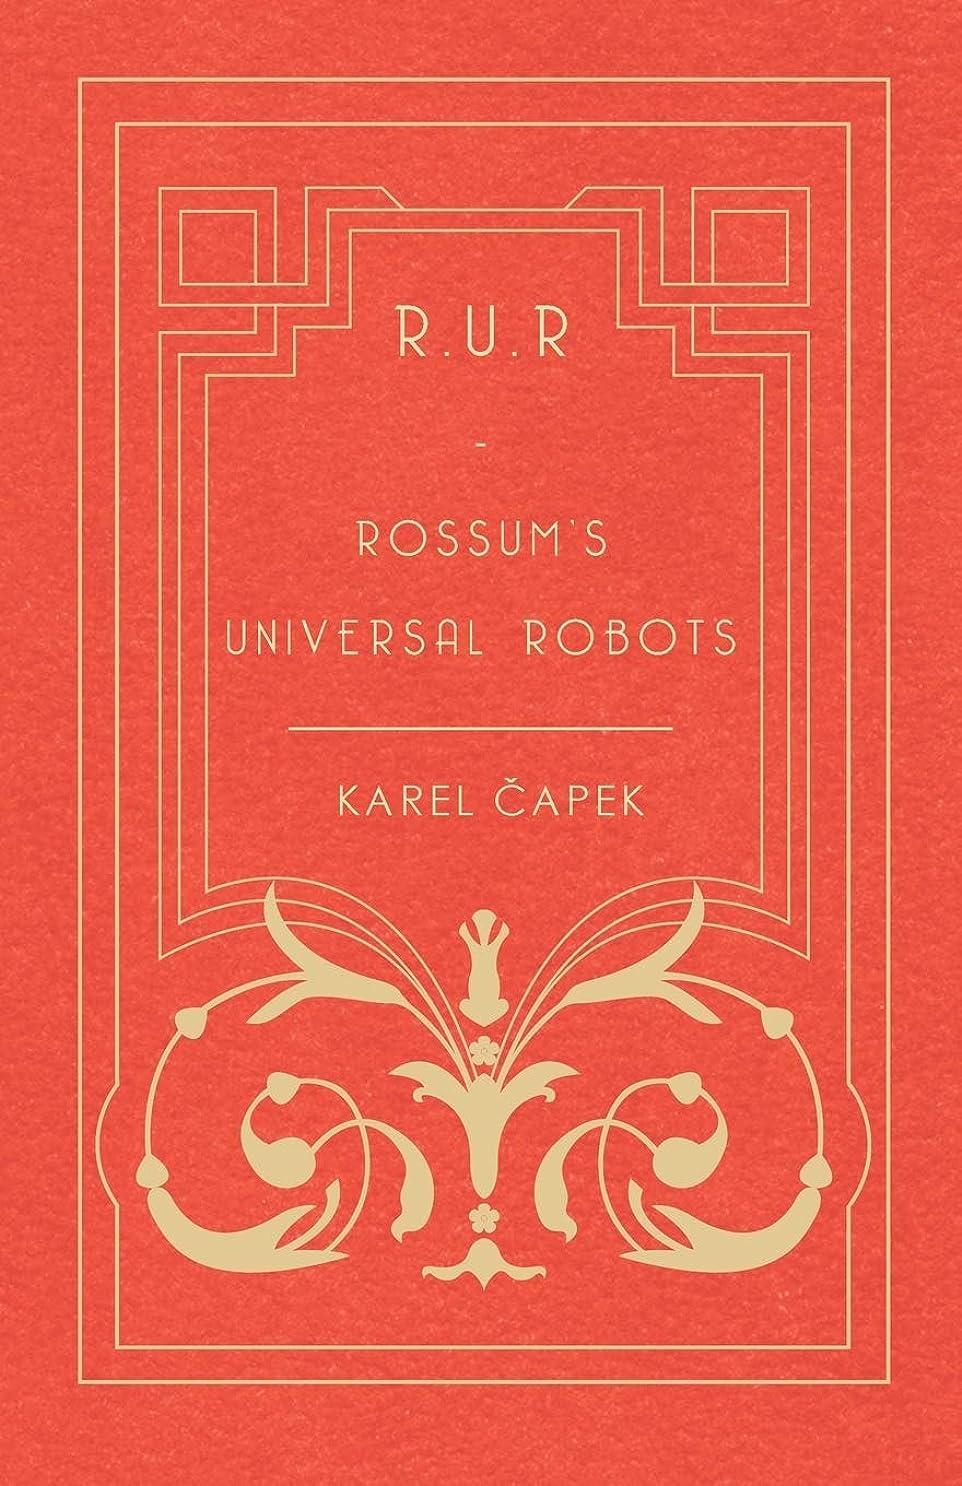 きしむトイレチャンスR.U.R - Rossum's Universal Robots